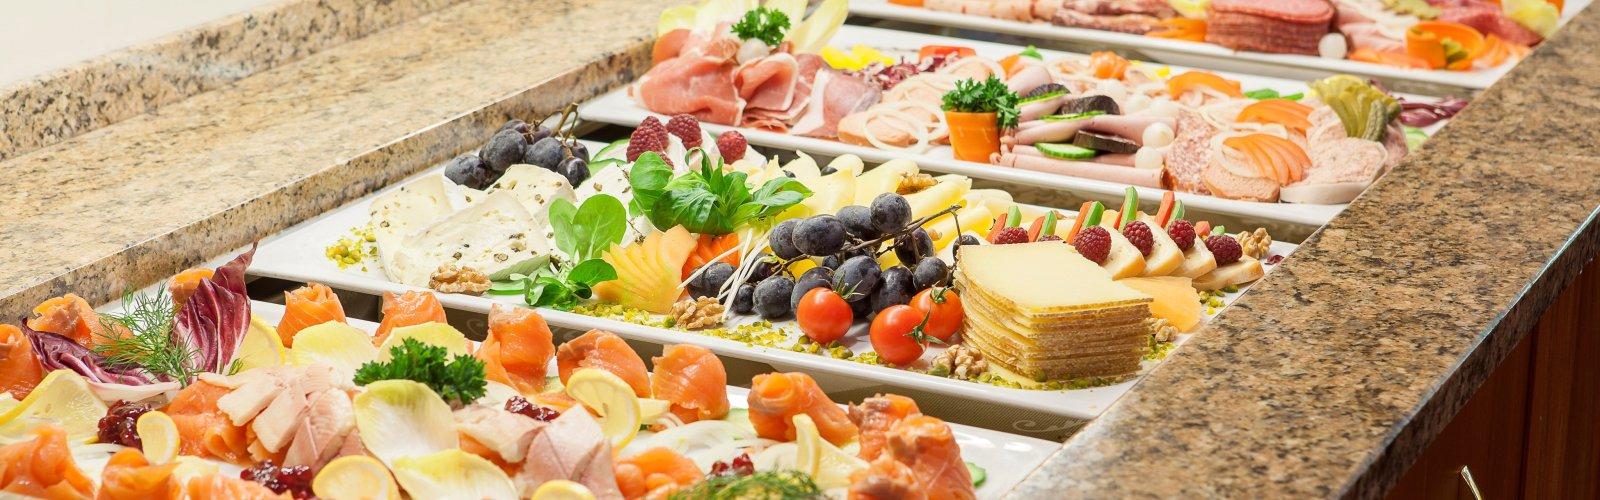 Frühstücksbuffet im Hotel Mohren © Hotel Mohren